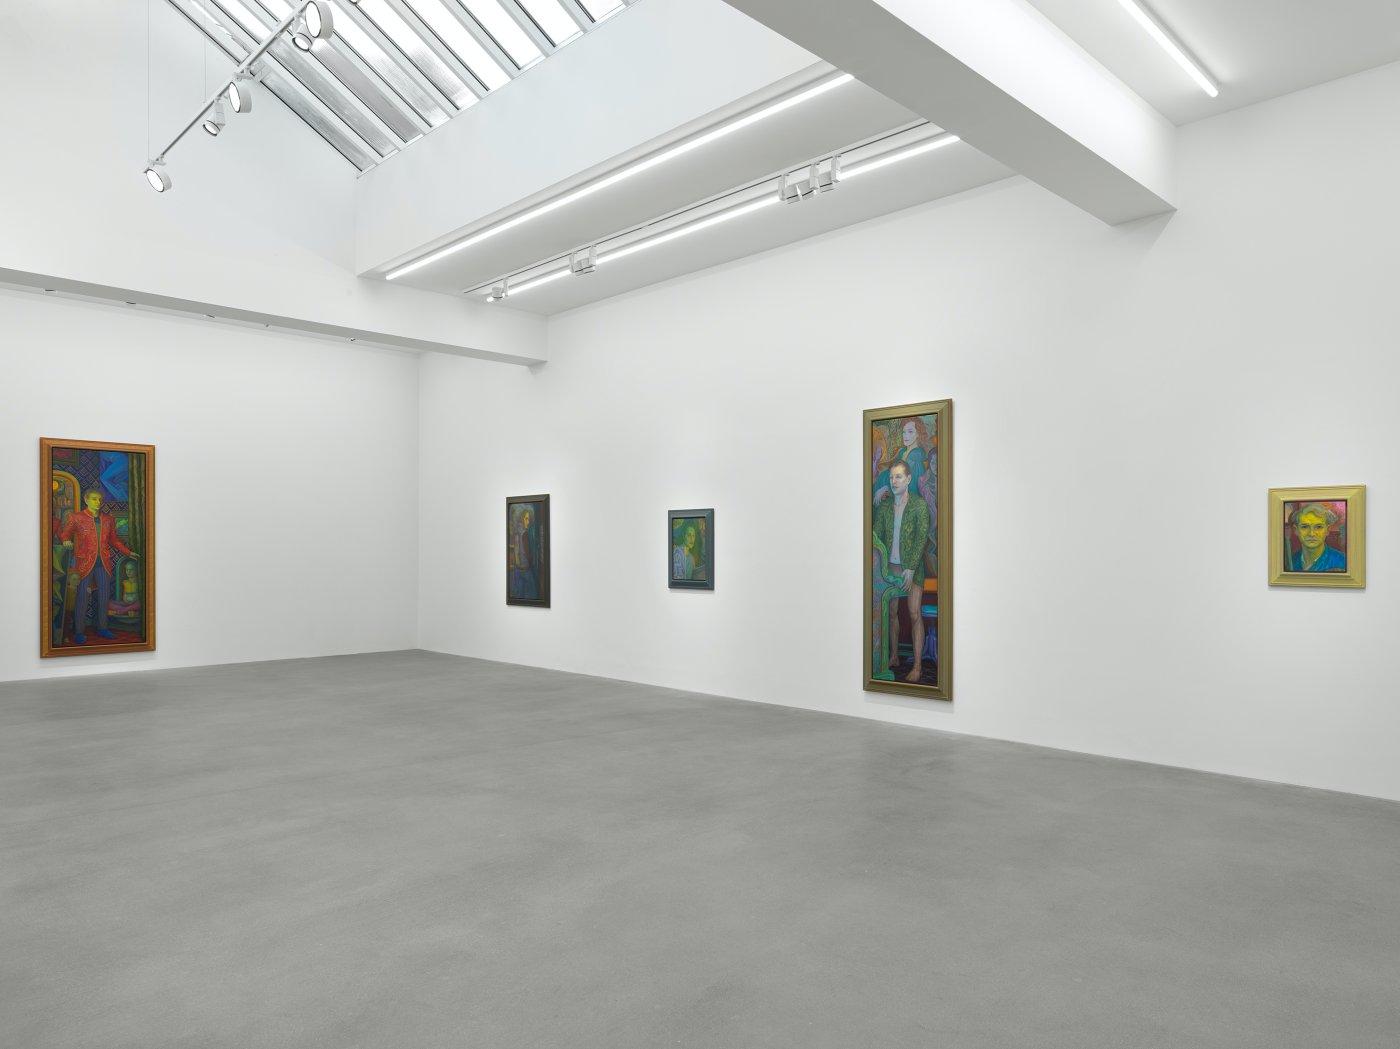 Galerie Eva Presenhuber Waldmannstrasse Steven Shearer 3